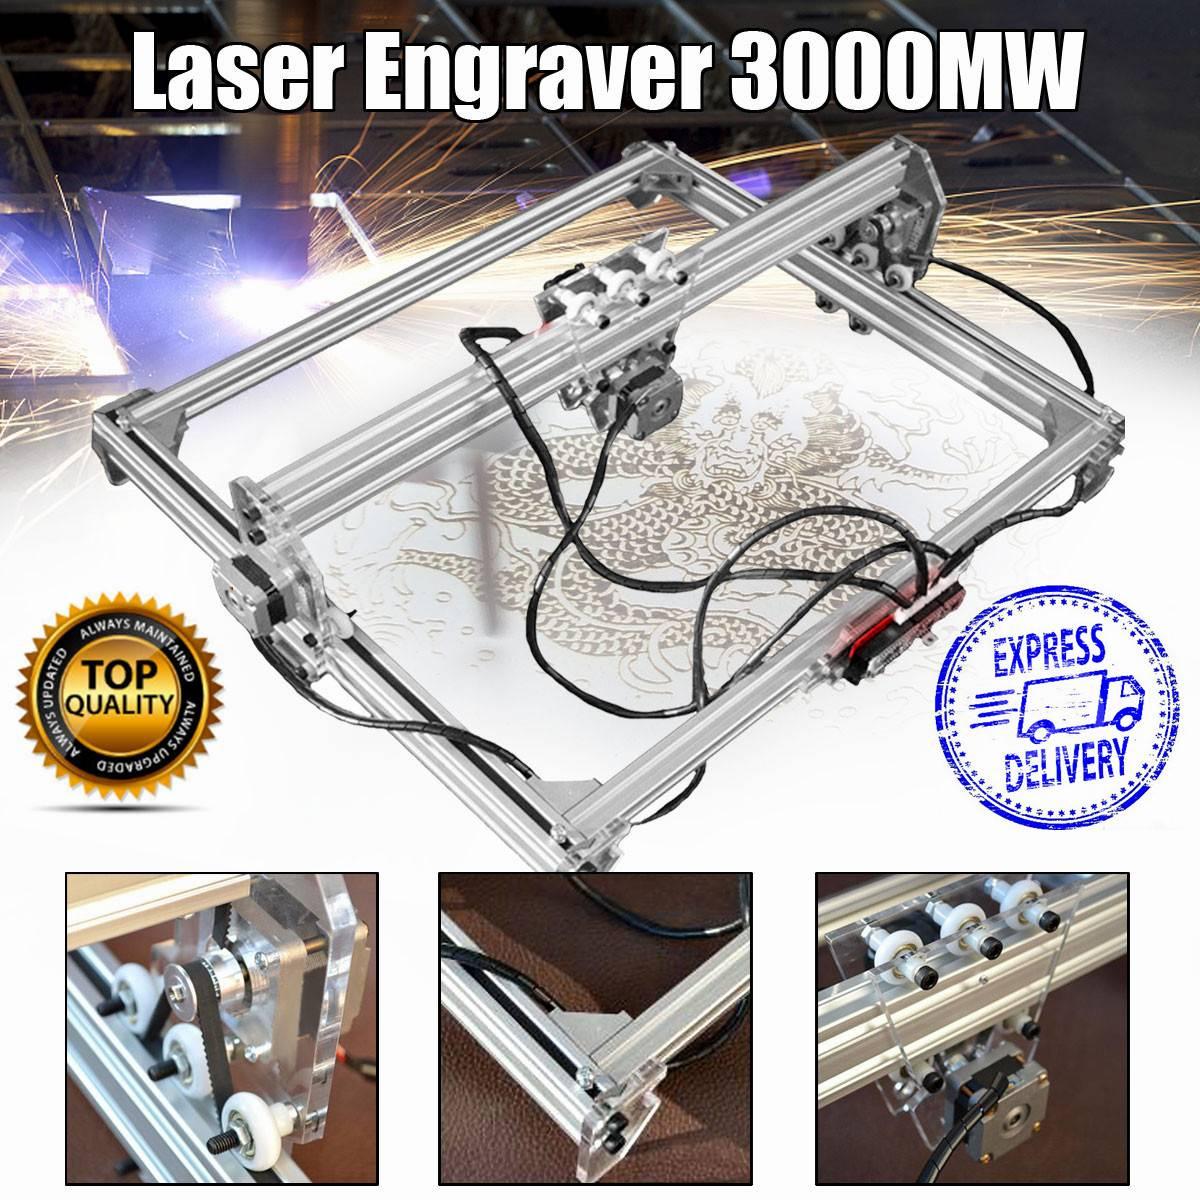 15 W/3000 mw 50*65cm CNC Laser graveur Machine de gravure pour métal/bois routeur/bricolage Cutter 2 axes graveur bureau Cutter + Laser